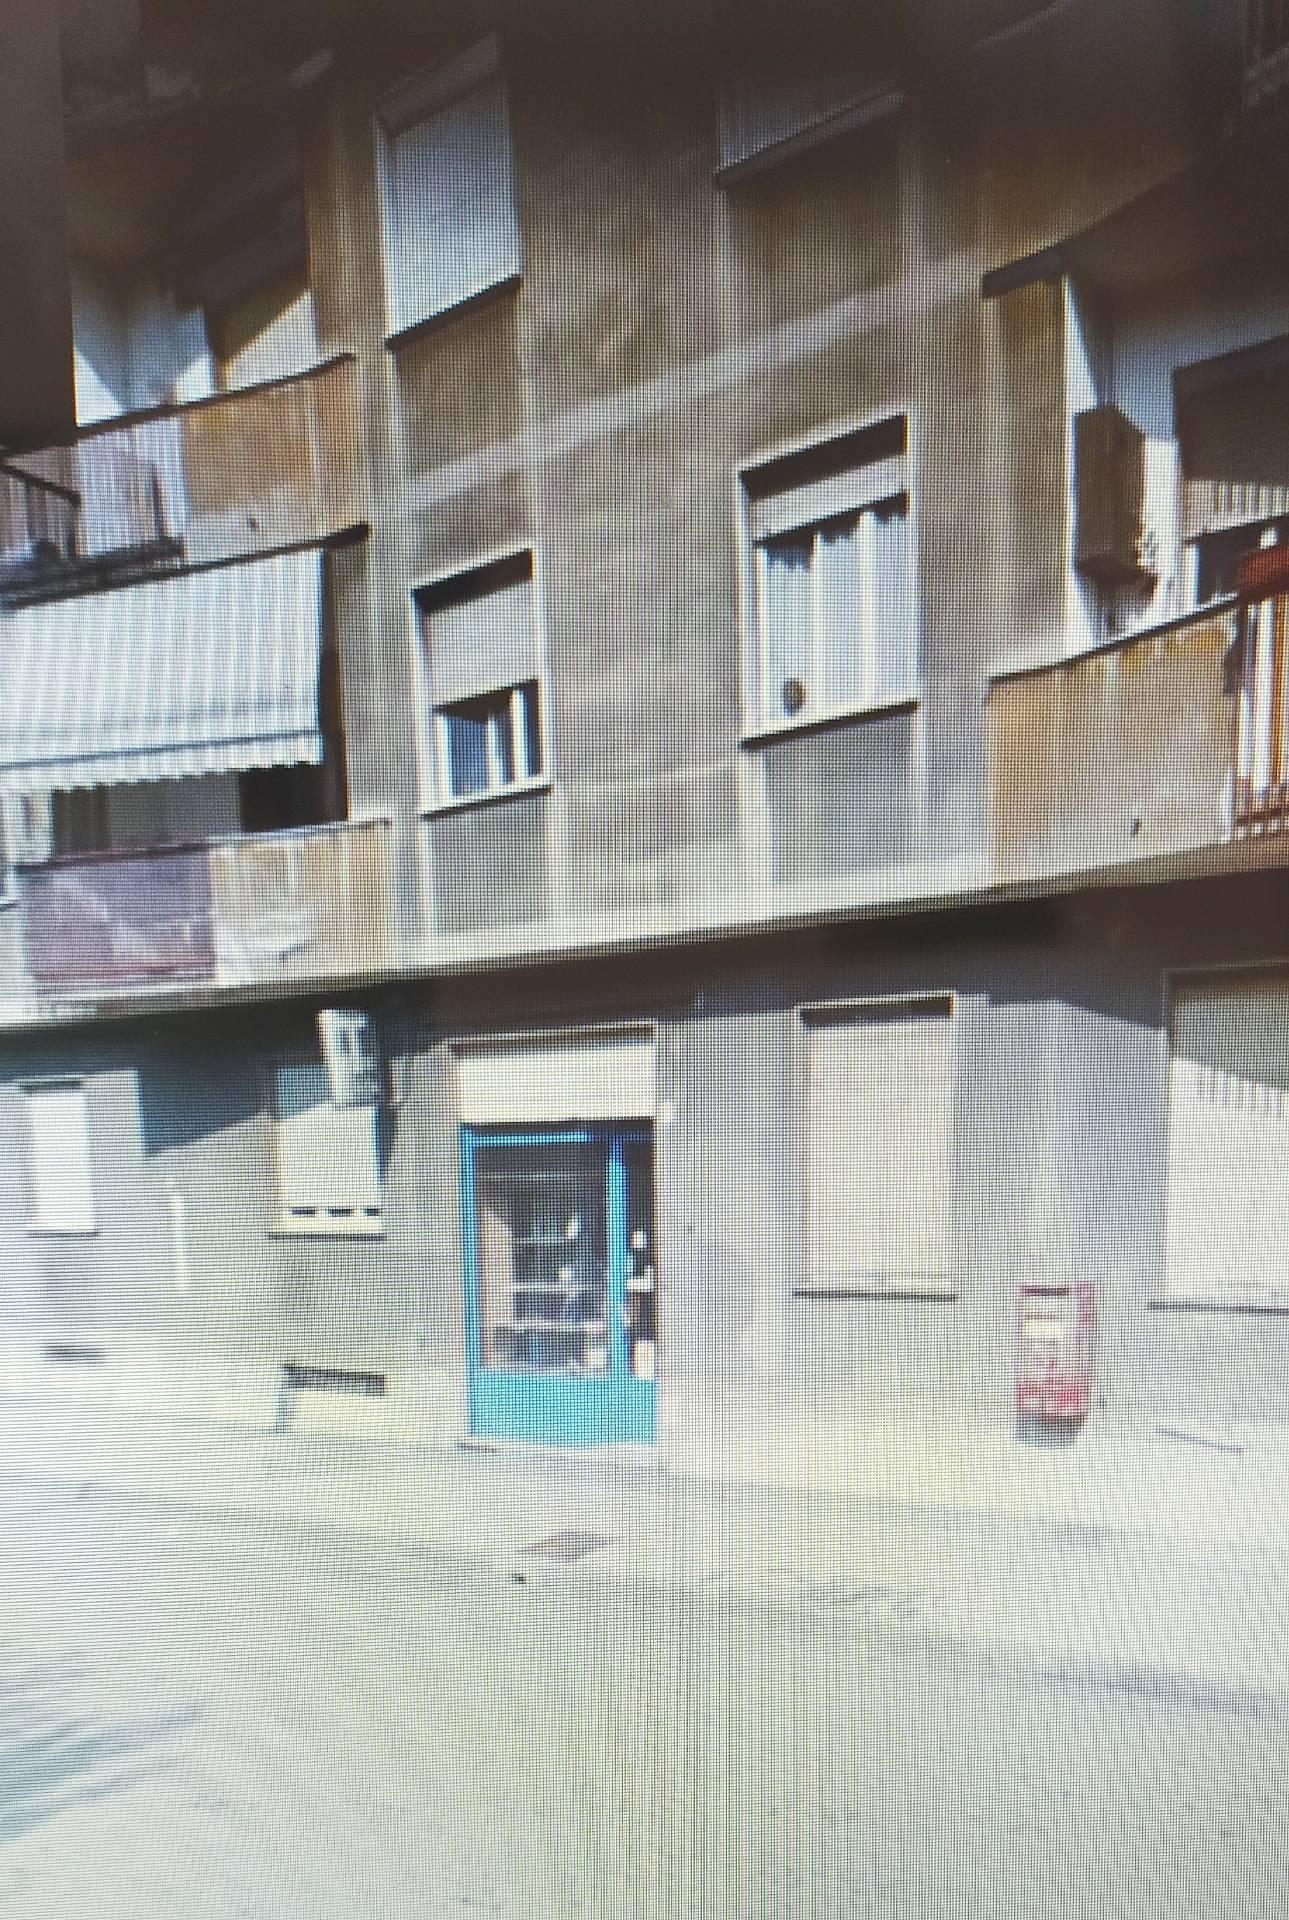 Negozio / Locale in vendita a Casale Monferrato, 9999 locali, prezzo € 25.000 | PortaleAgenzieImmobiliari.it